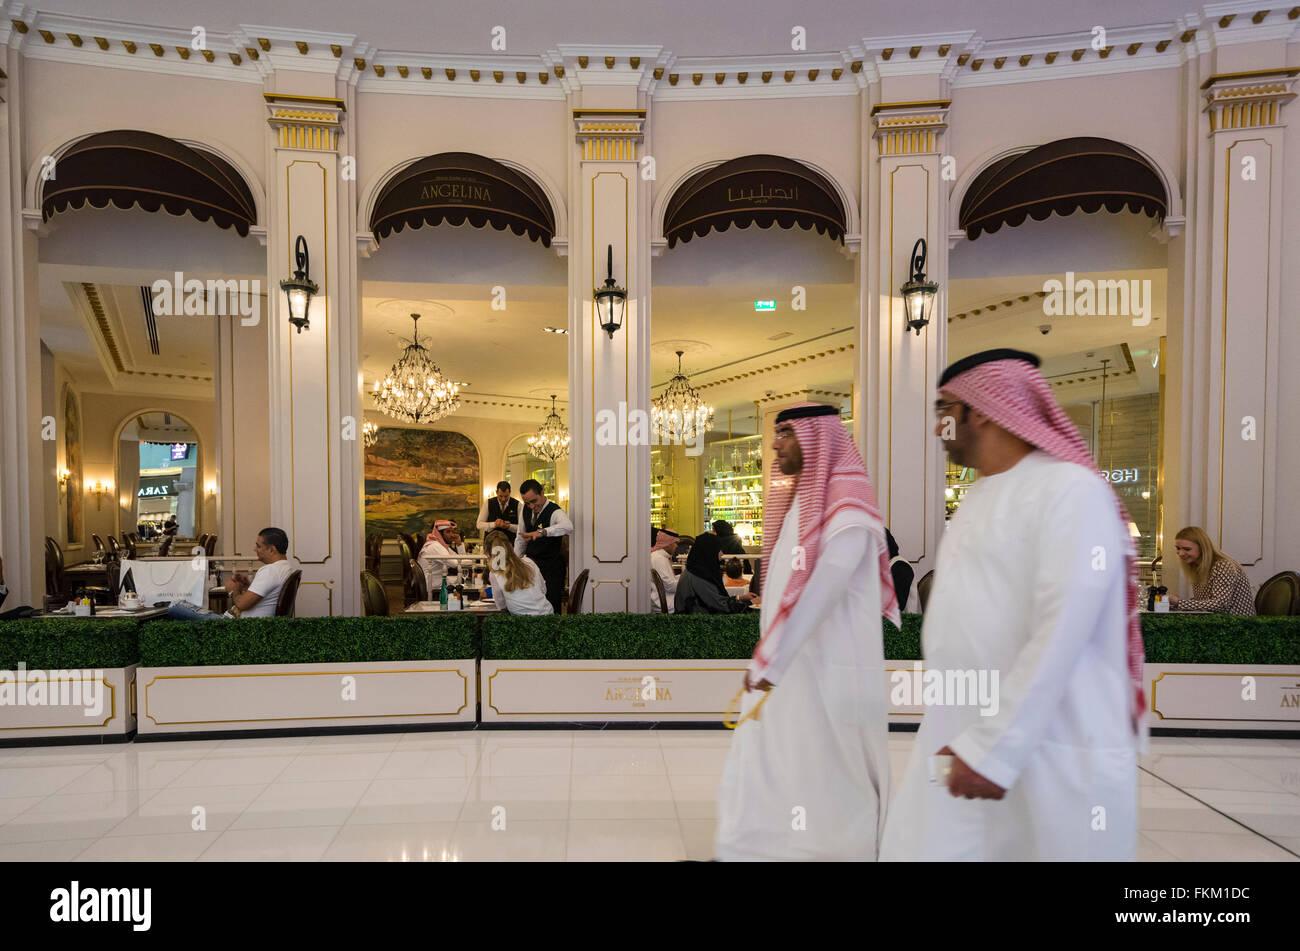 Upmarket Angelina Cafe in Dubai Mall United Arab Emirates - Stock Image